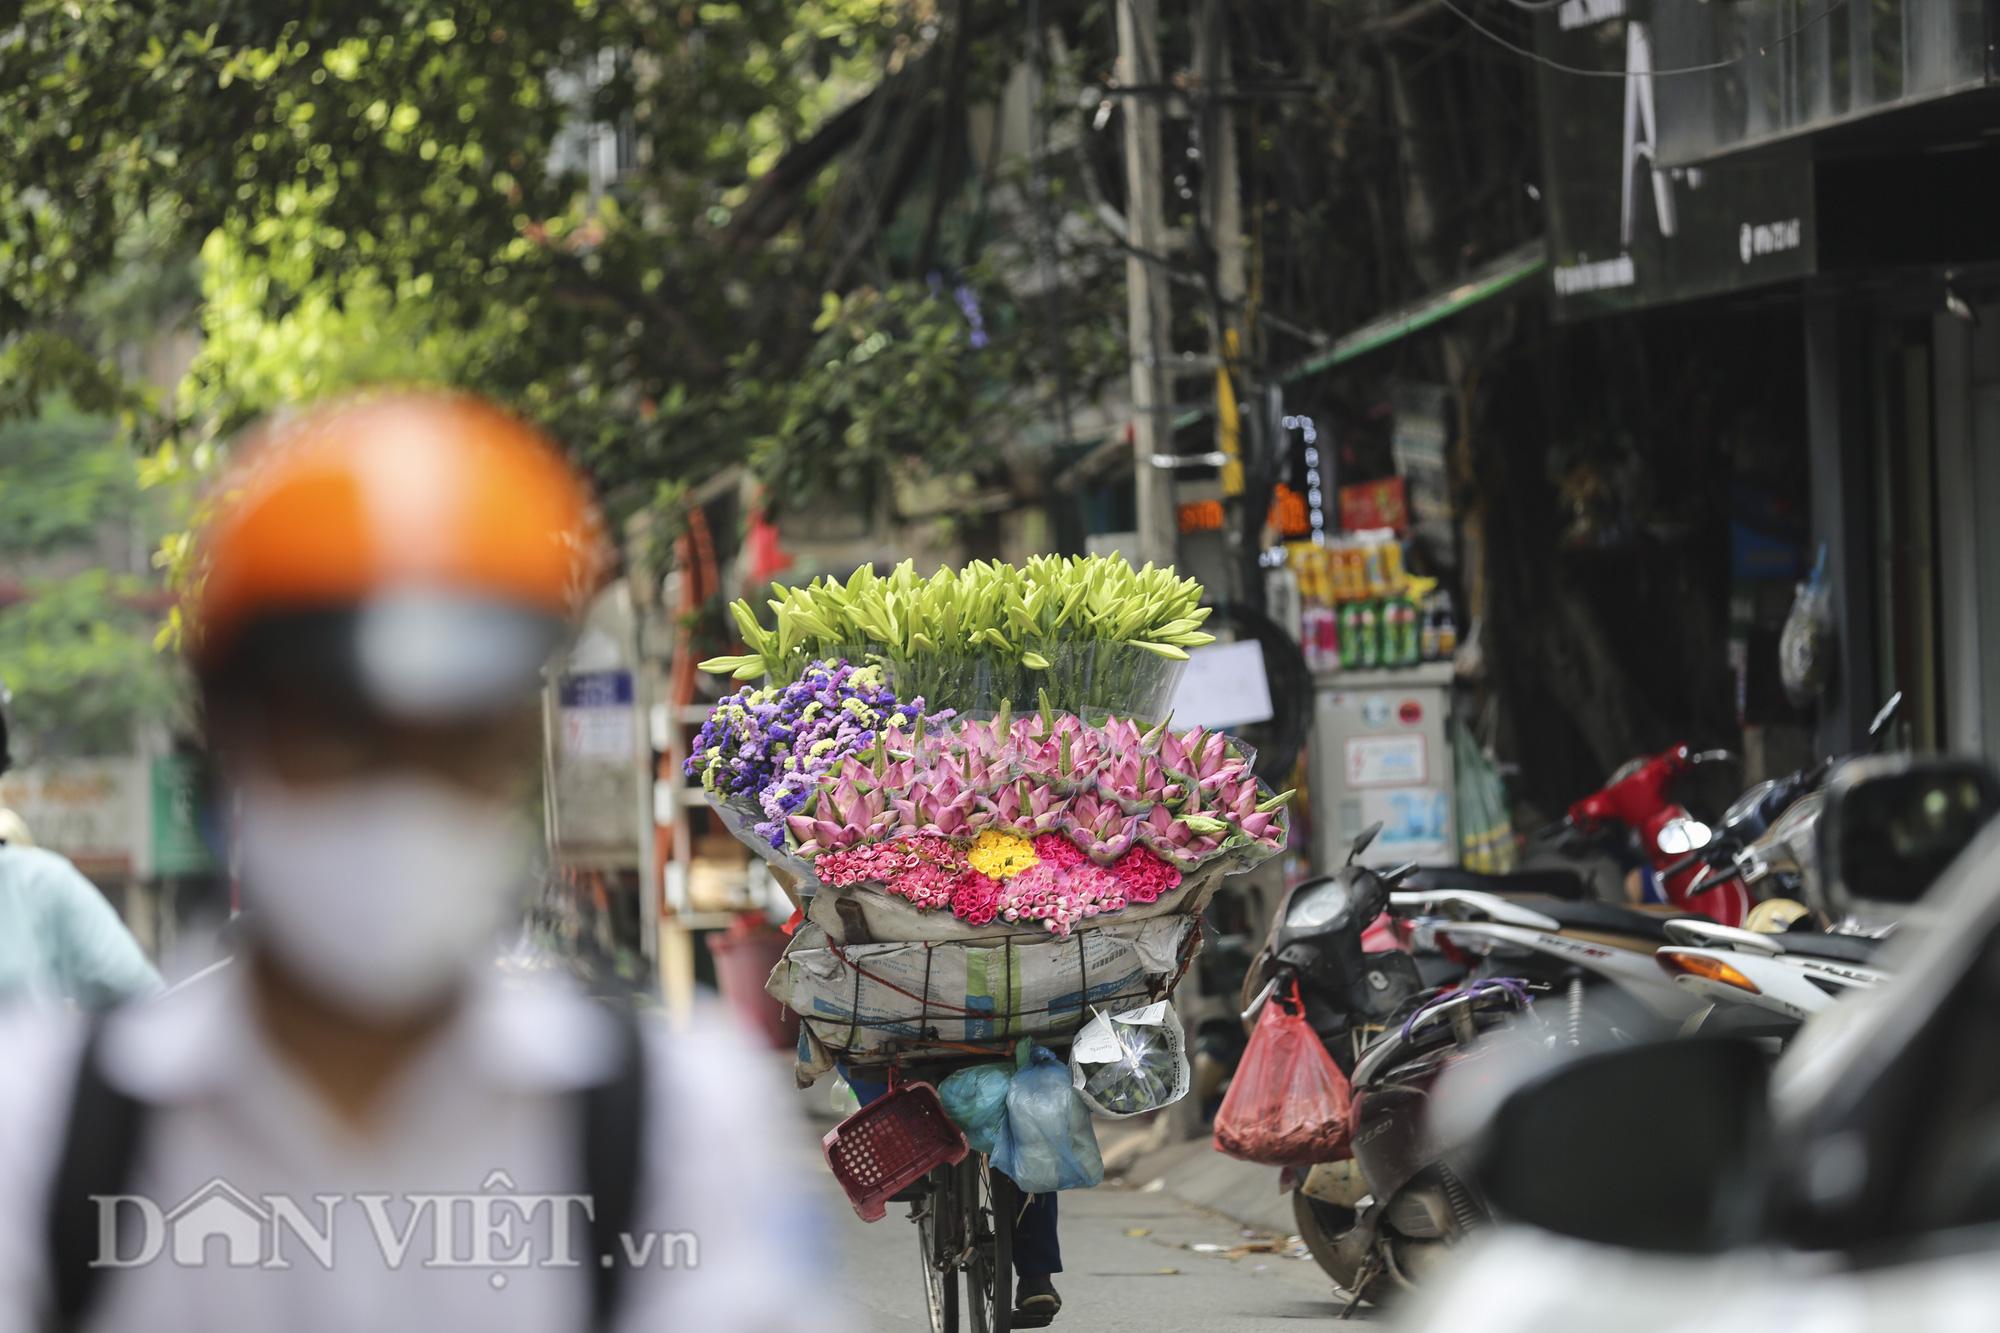 Sen đầu mua khoe sắc, len lỏi khắp phố phường Hà Nội - Ảnh 4.